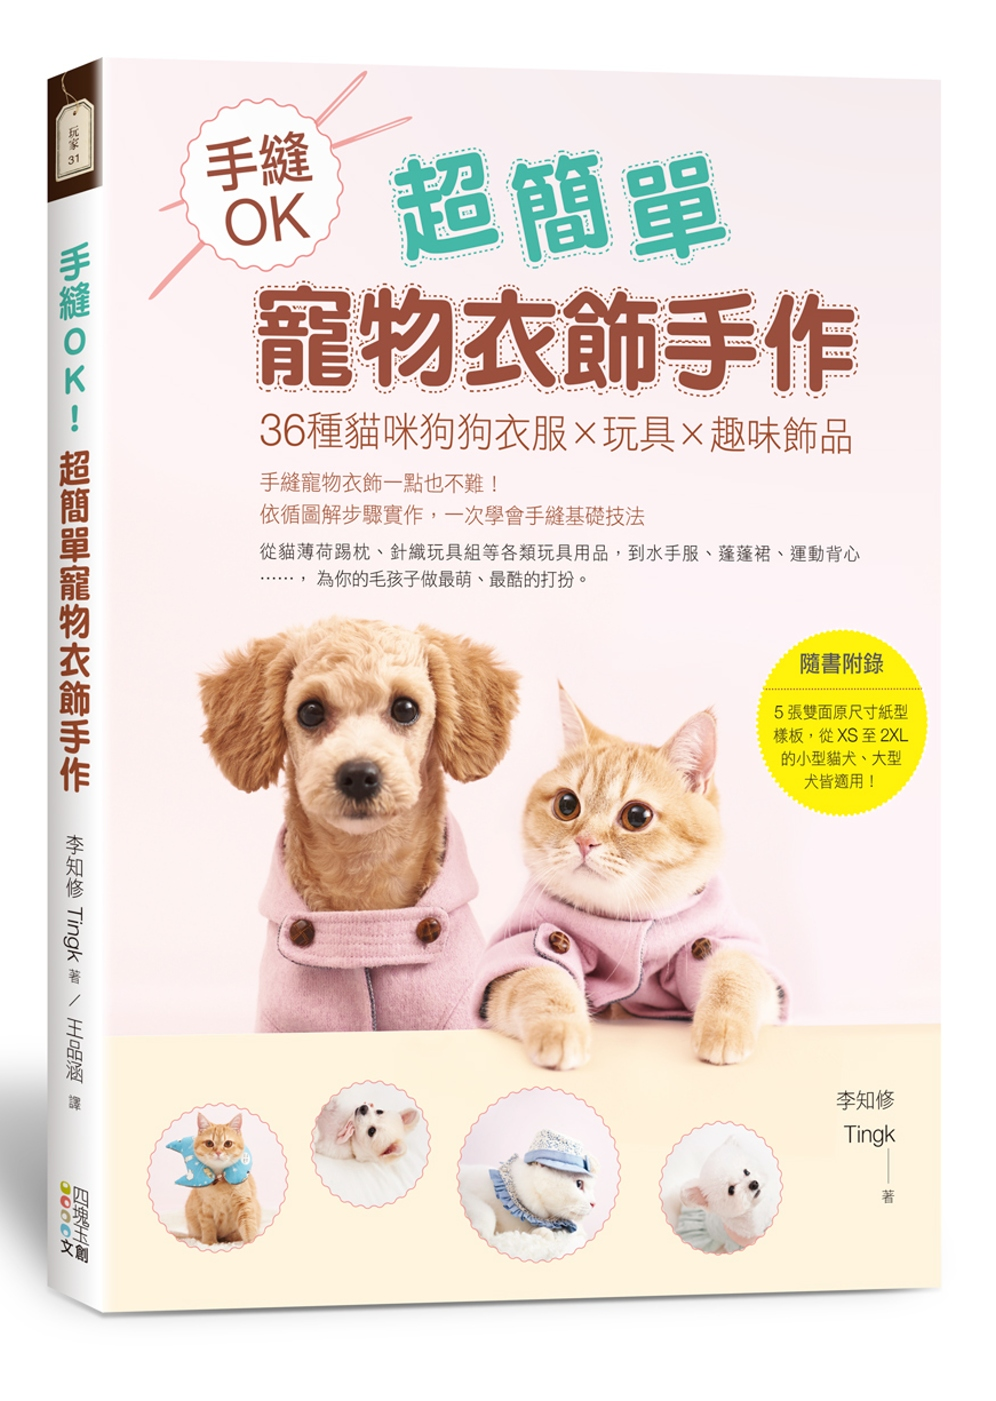 手縫OK!超簡單寵物衣飾手作:36種貓咪狗狗衣服x玩具x趣味飾品